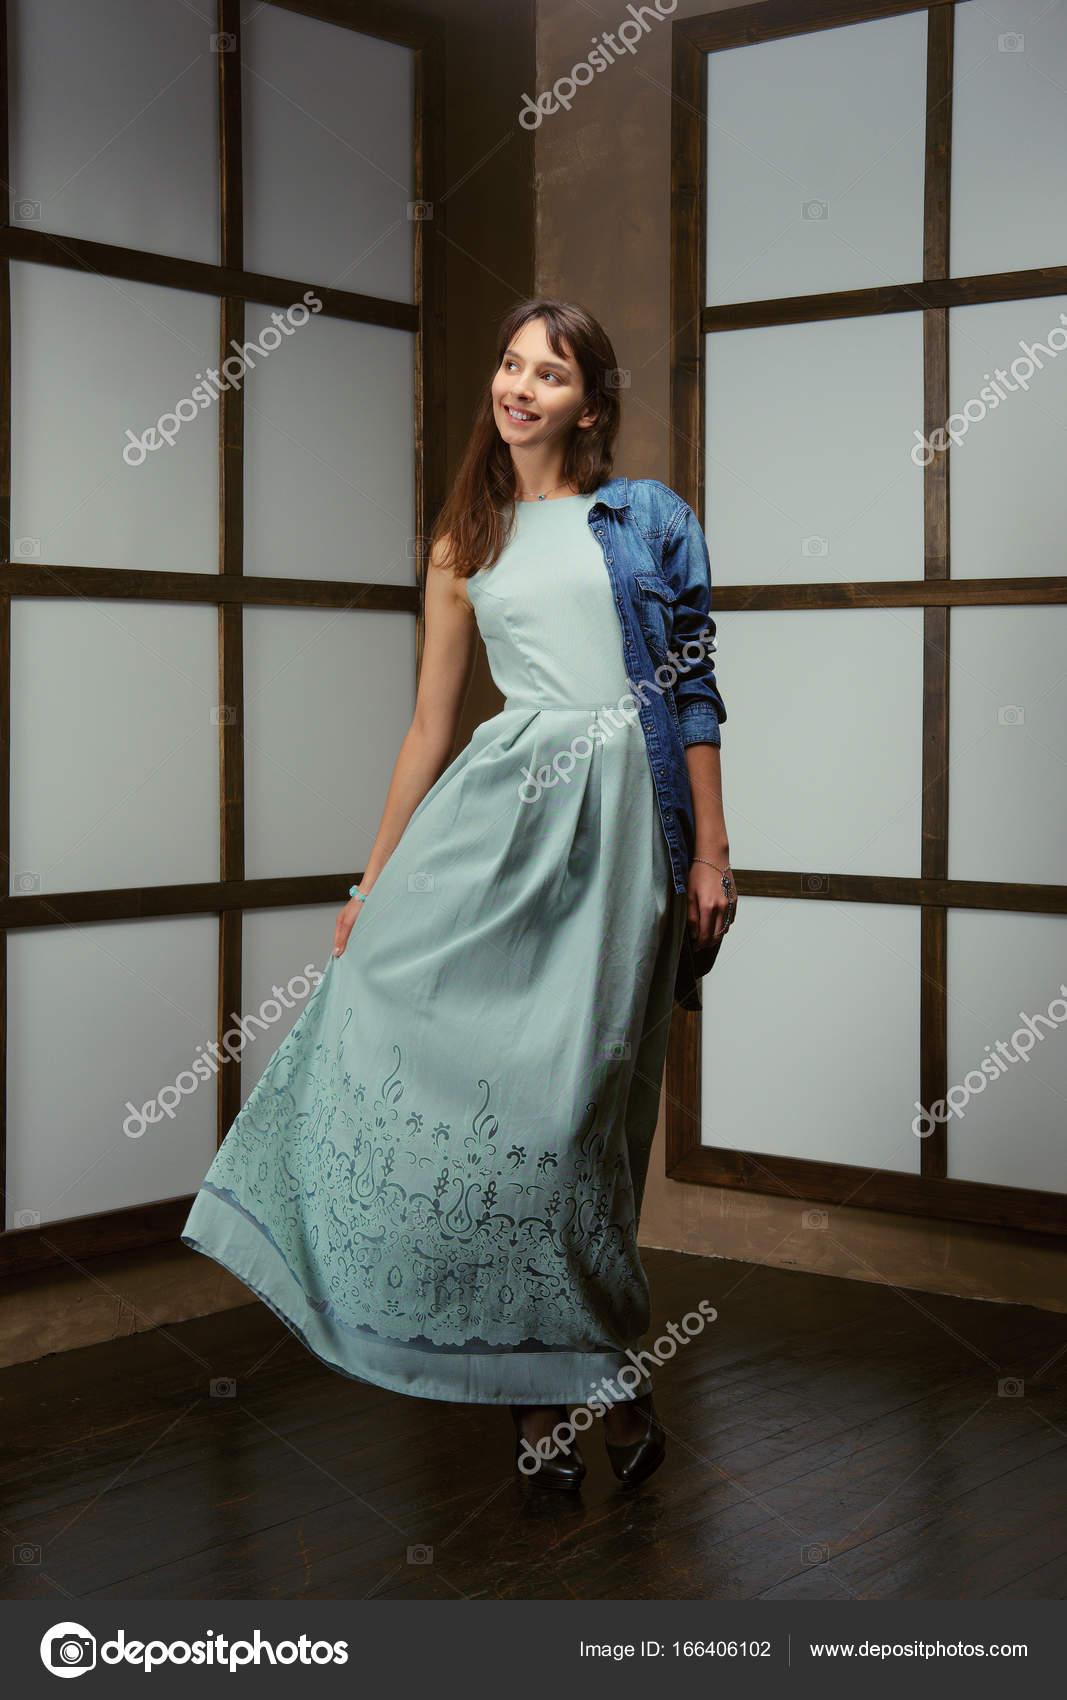 6f9a152b6d35 Αρκετά μοντέλο επιδεικνύοντας στολή - μακρύ βαμβακερό φόρεμα και τζιν  μπουφάν– εικόνα αρχείου